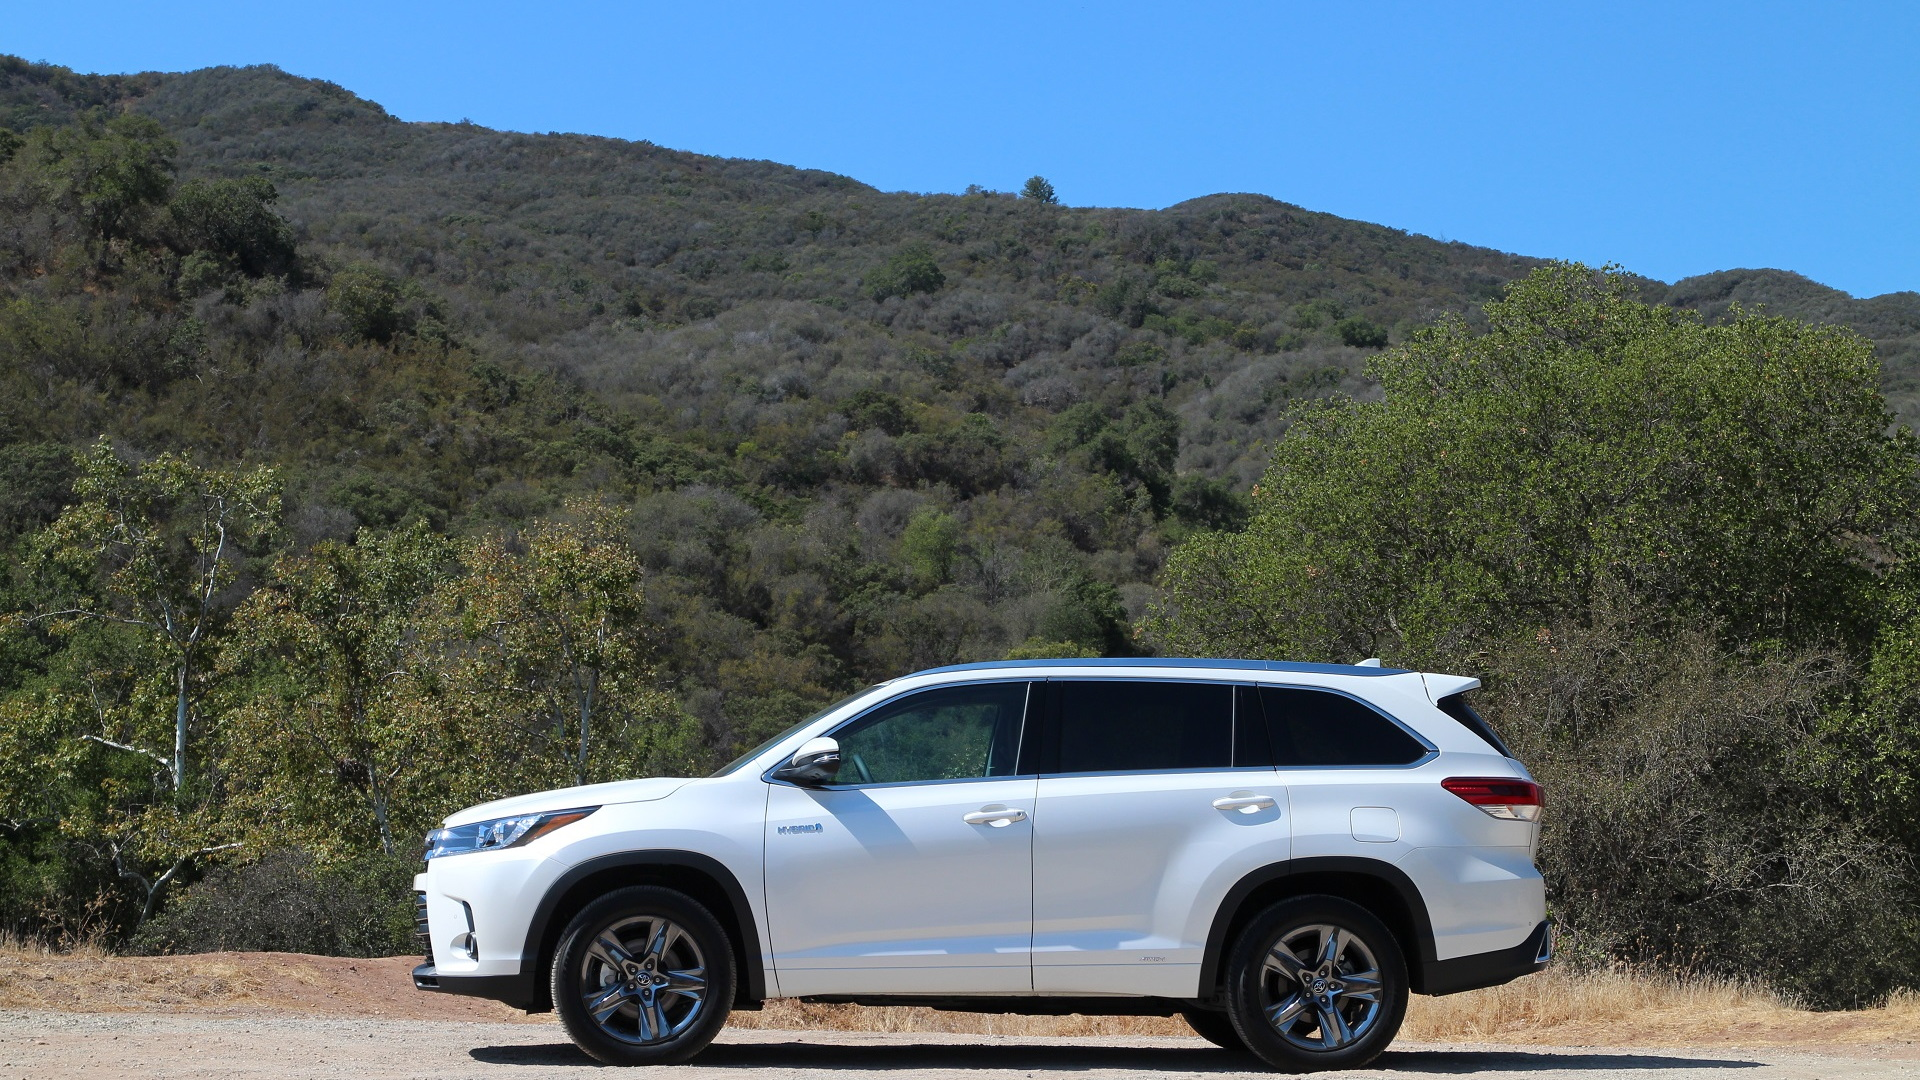 2017 Toyota Highlander Hybrid, test drive, Ojai, California, Sep 2016